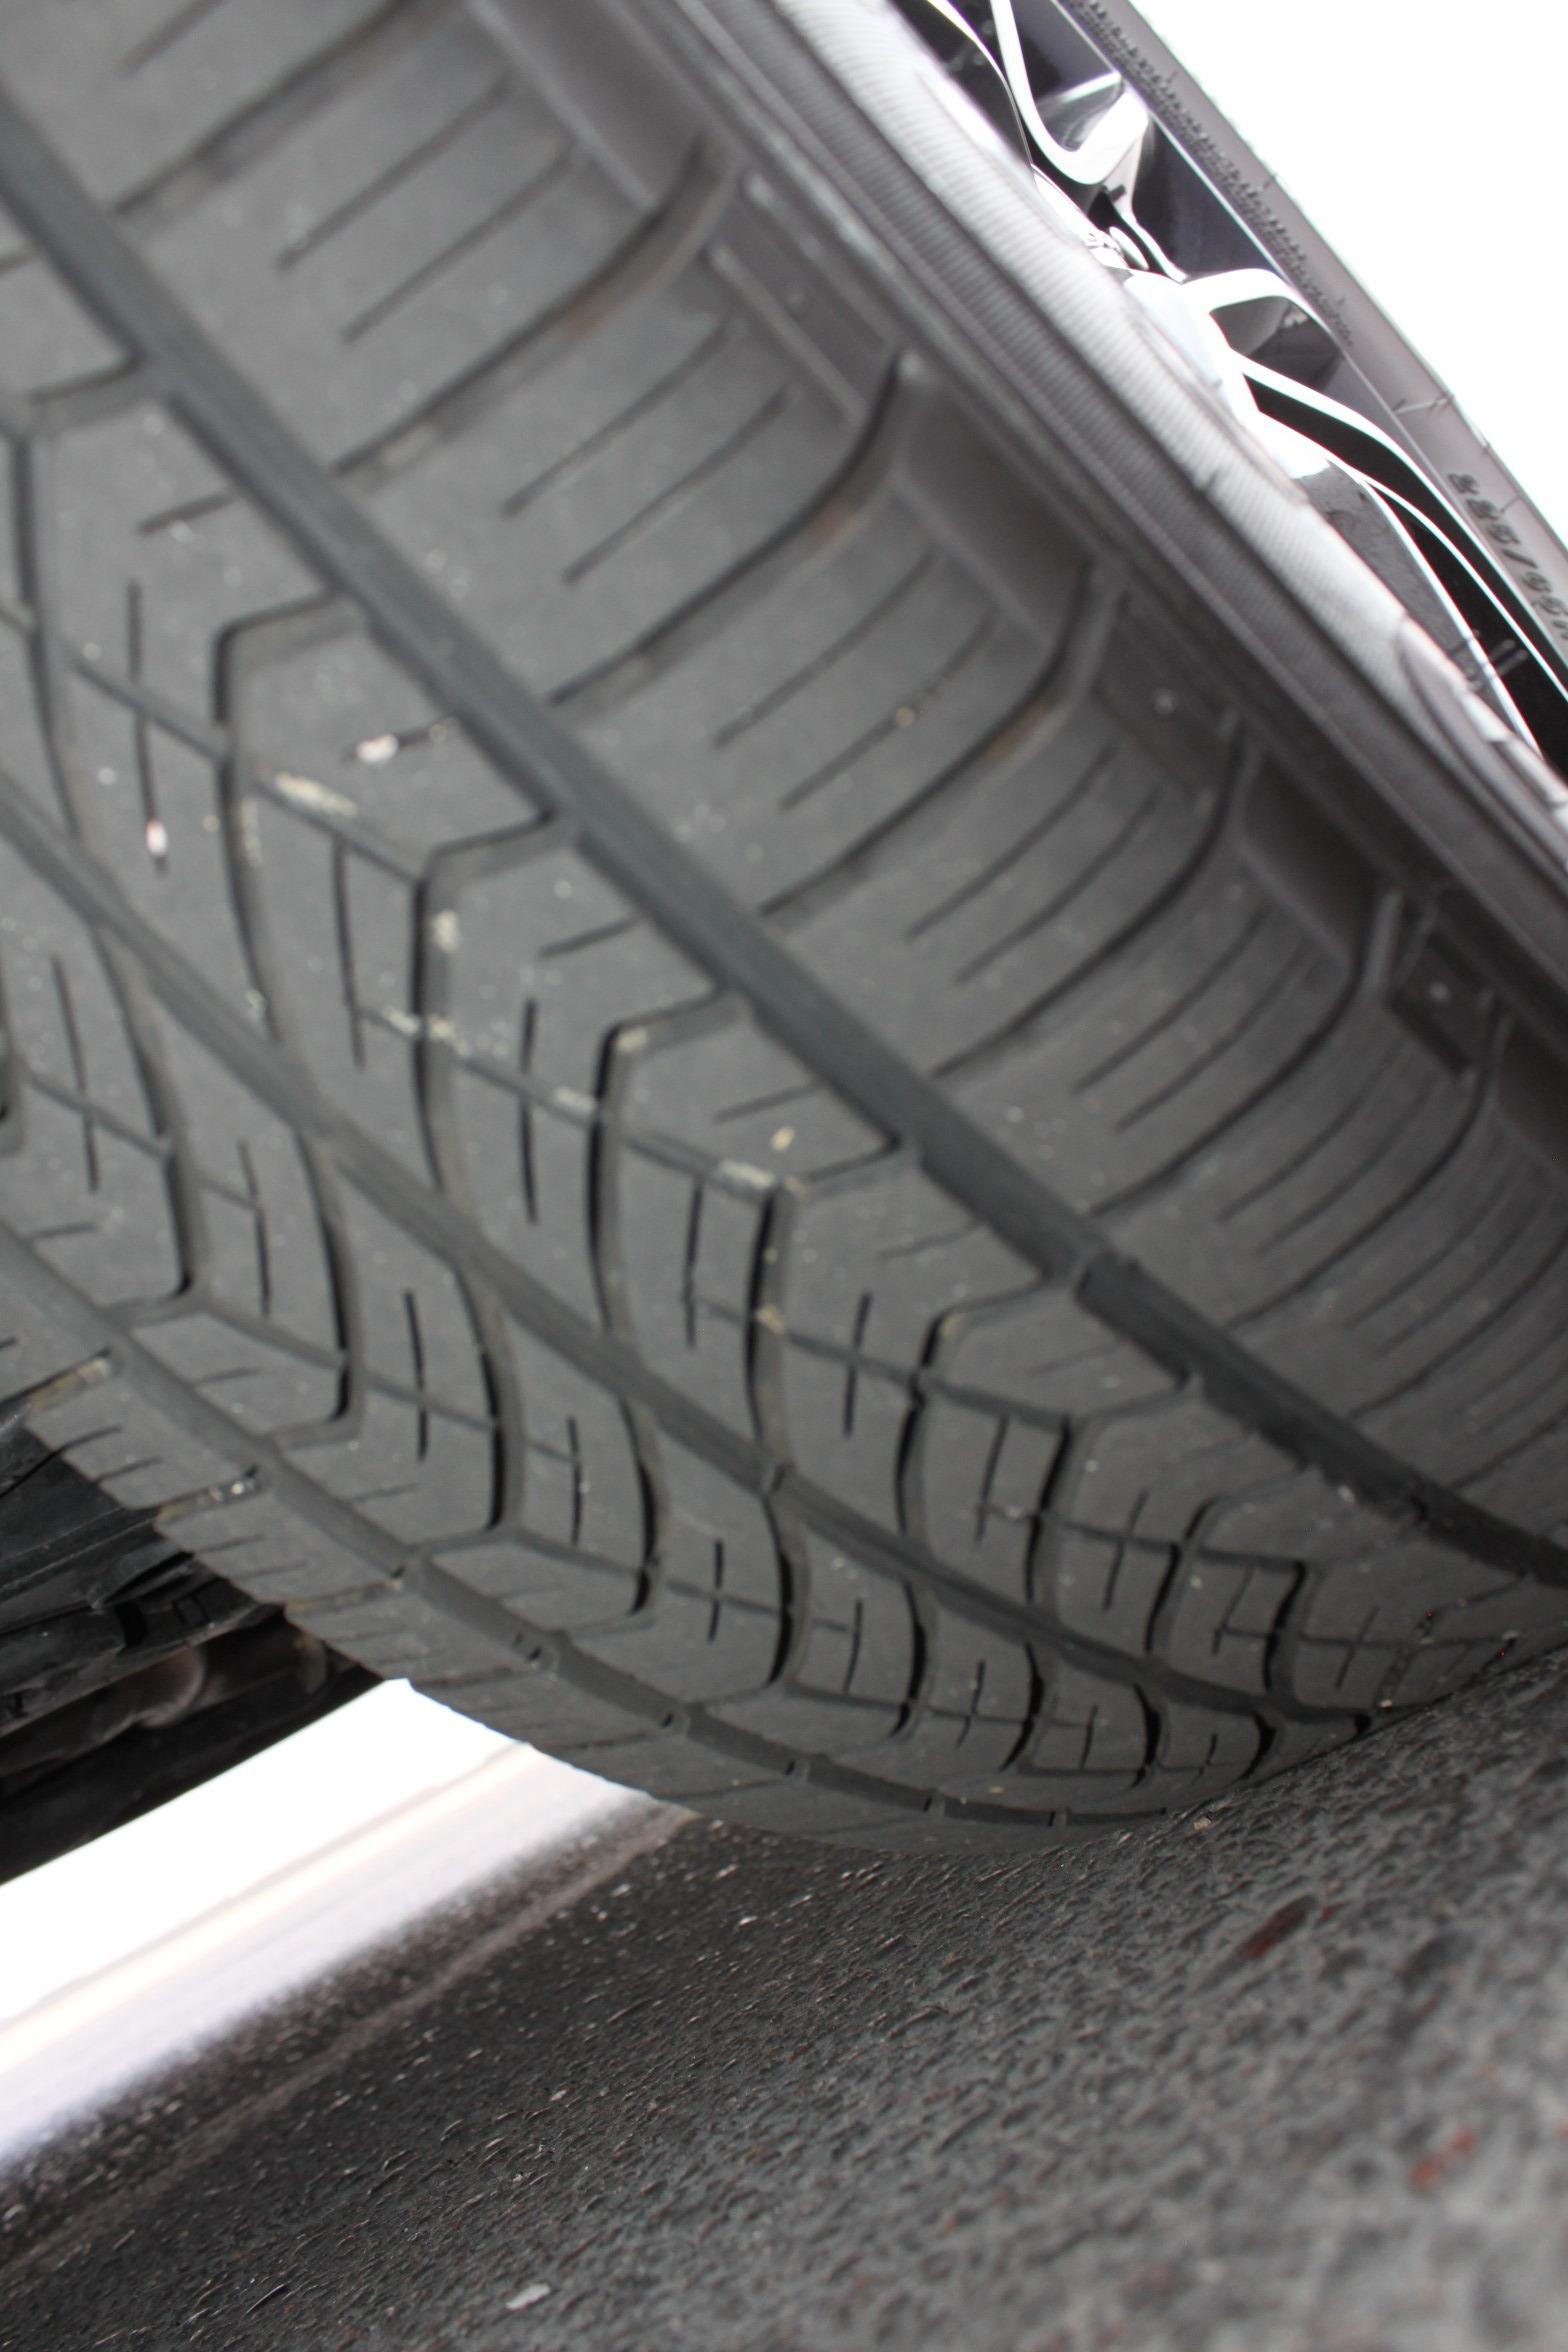 Used-2018-Dodge-Grand-Caravan-SXT-Rollx-Mobility-Conversion-Lexus